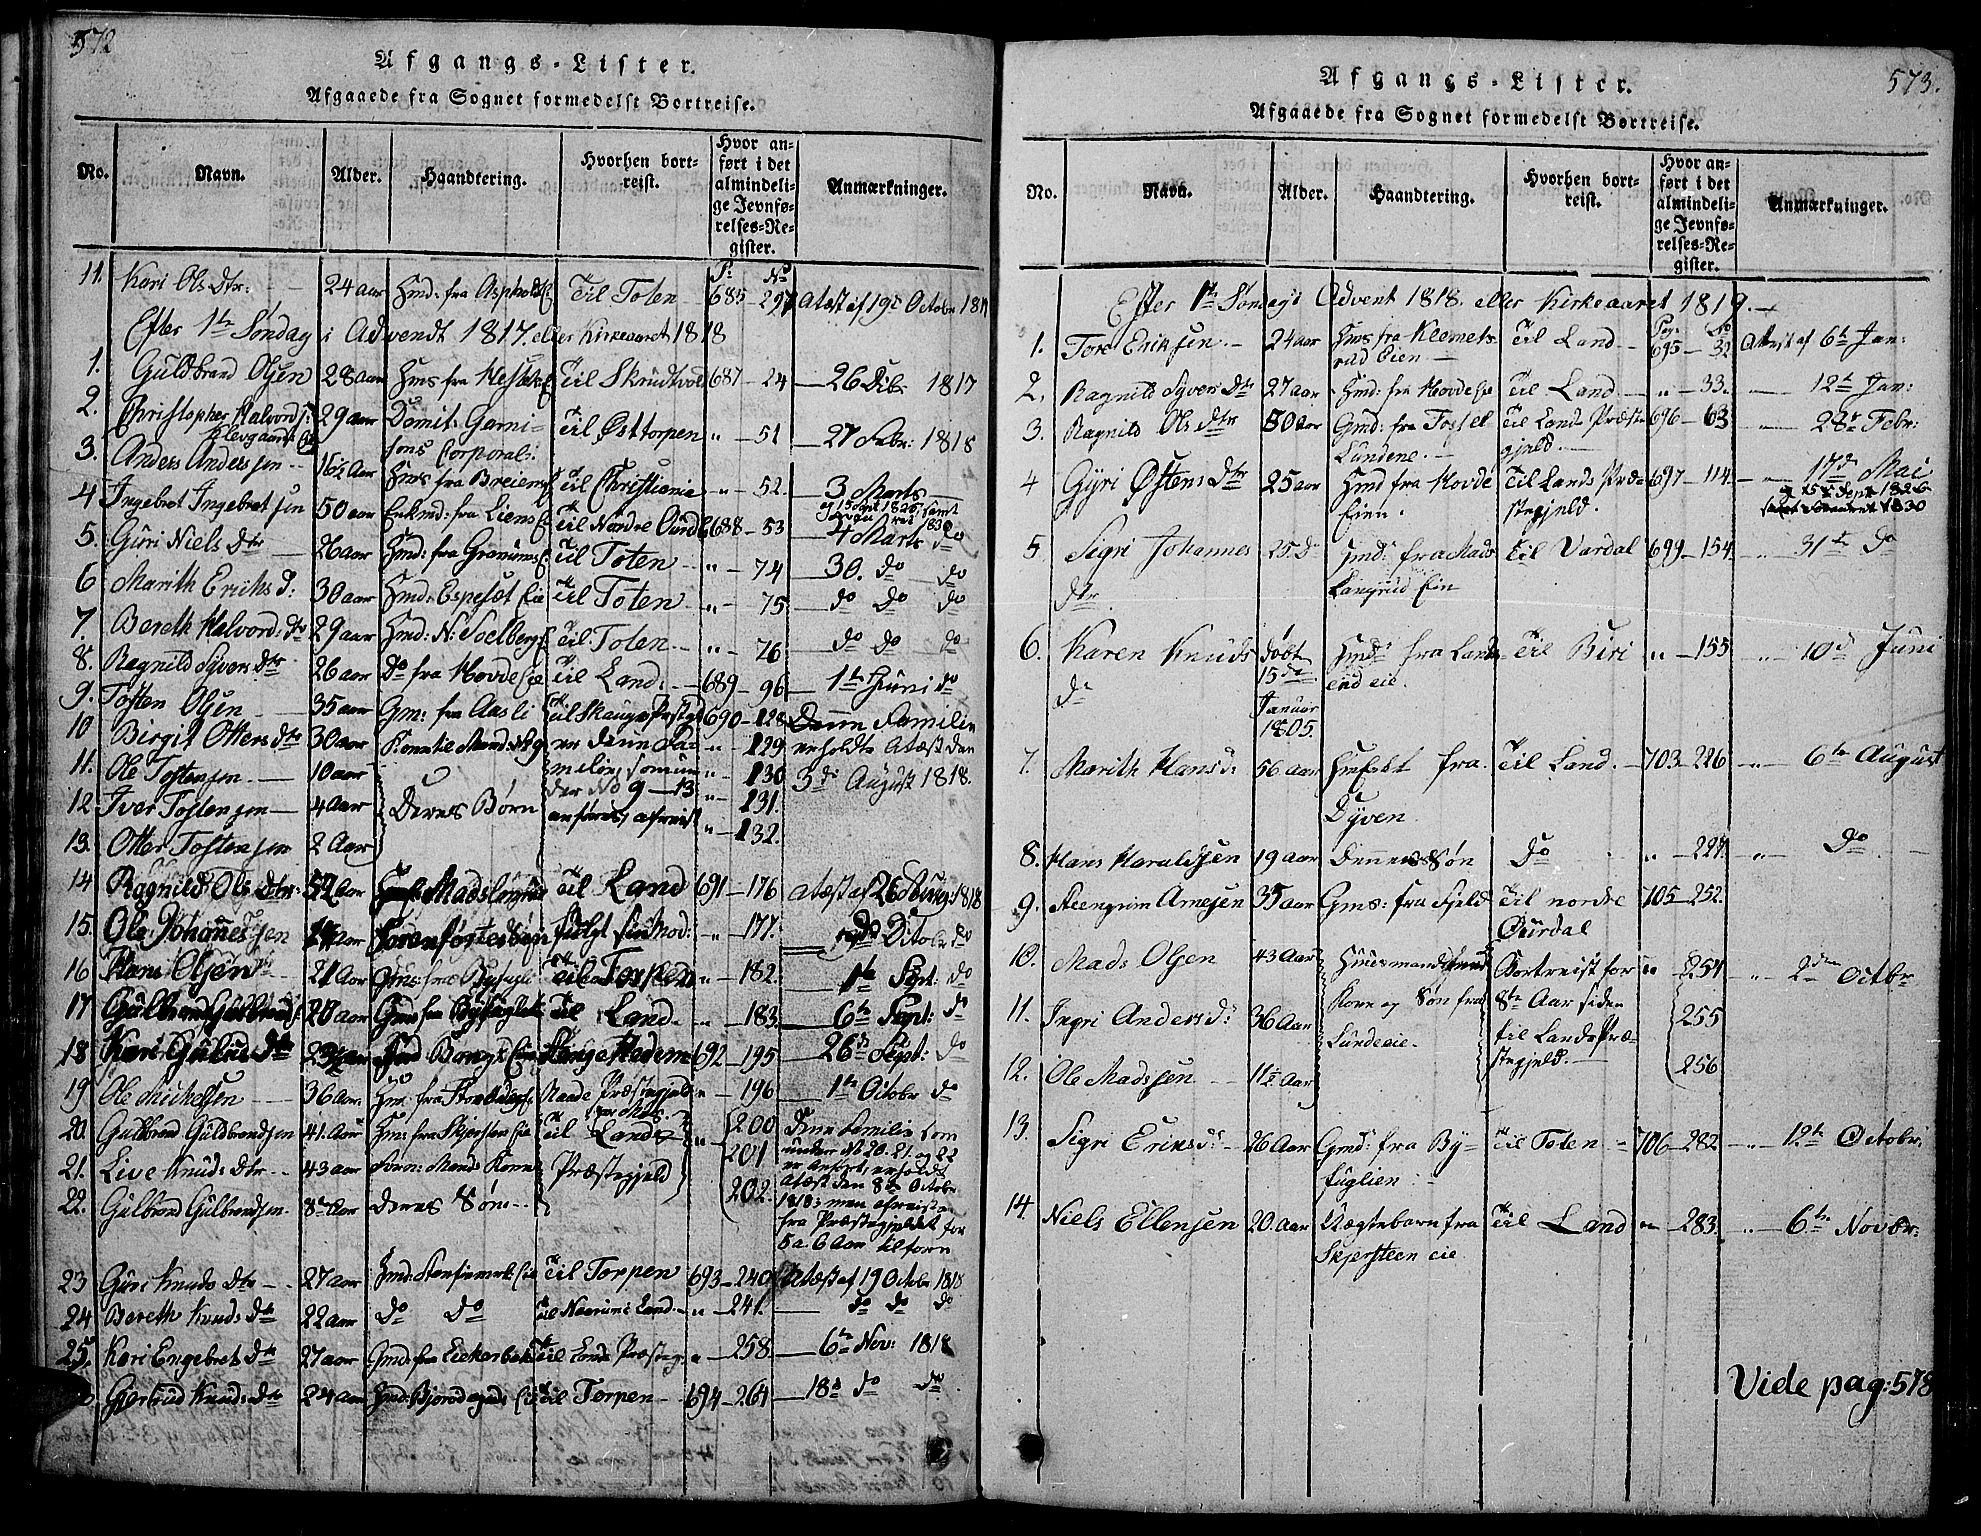 SAH, Sør-Aurdal prestekontor, Klokkerbok nr. 1, 1815-1826, s. 572-573